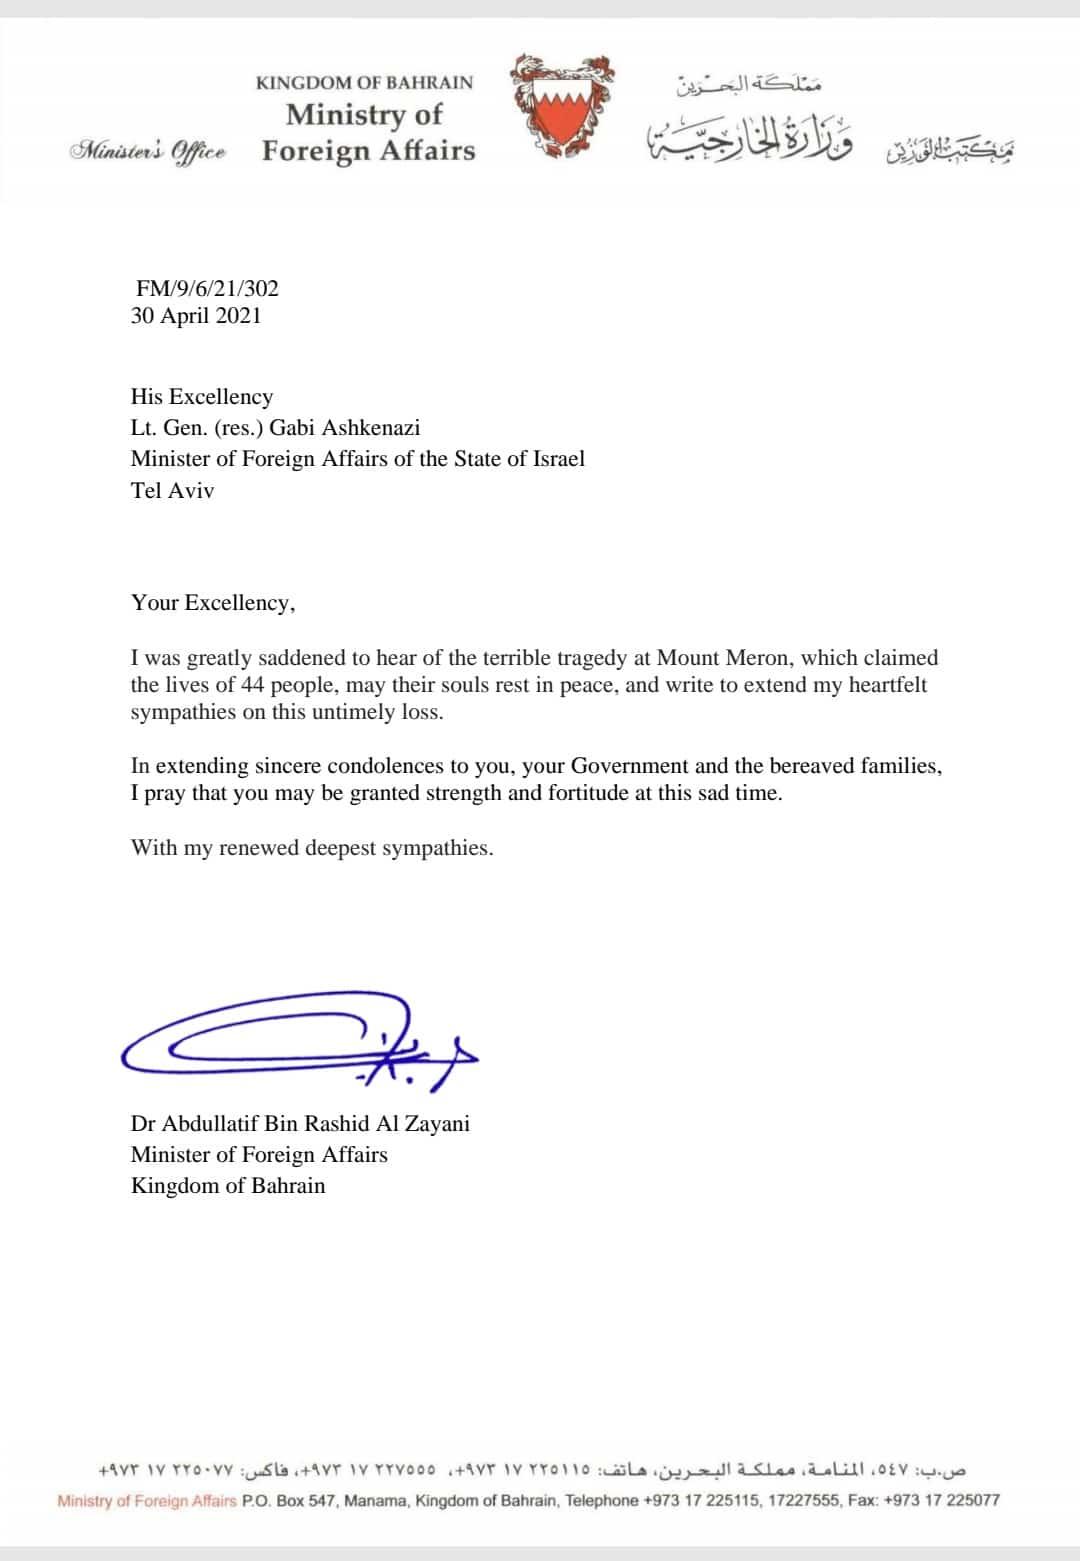 رسالة عبد اللطيف الزياني لتعزية الاسرائيليين